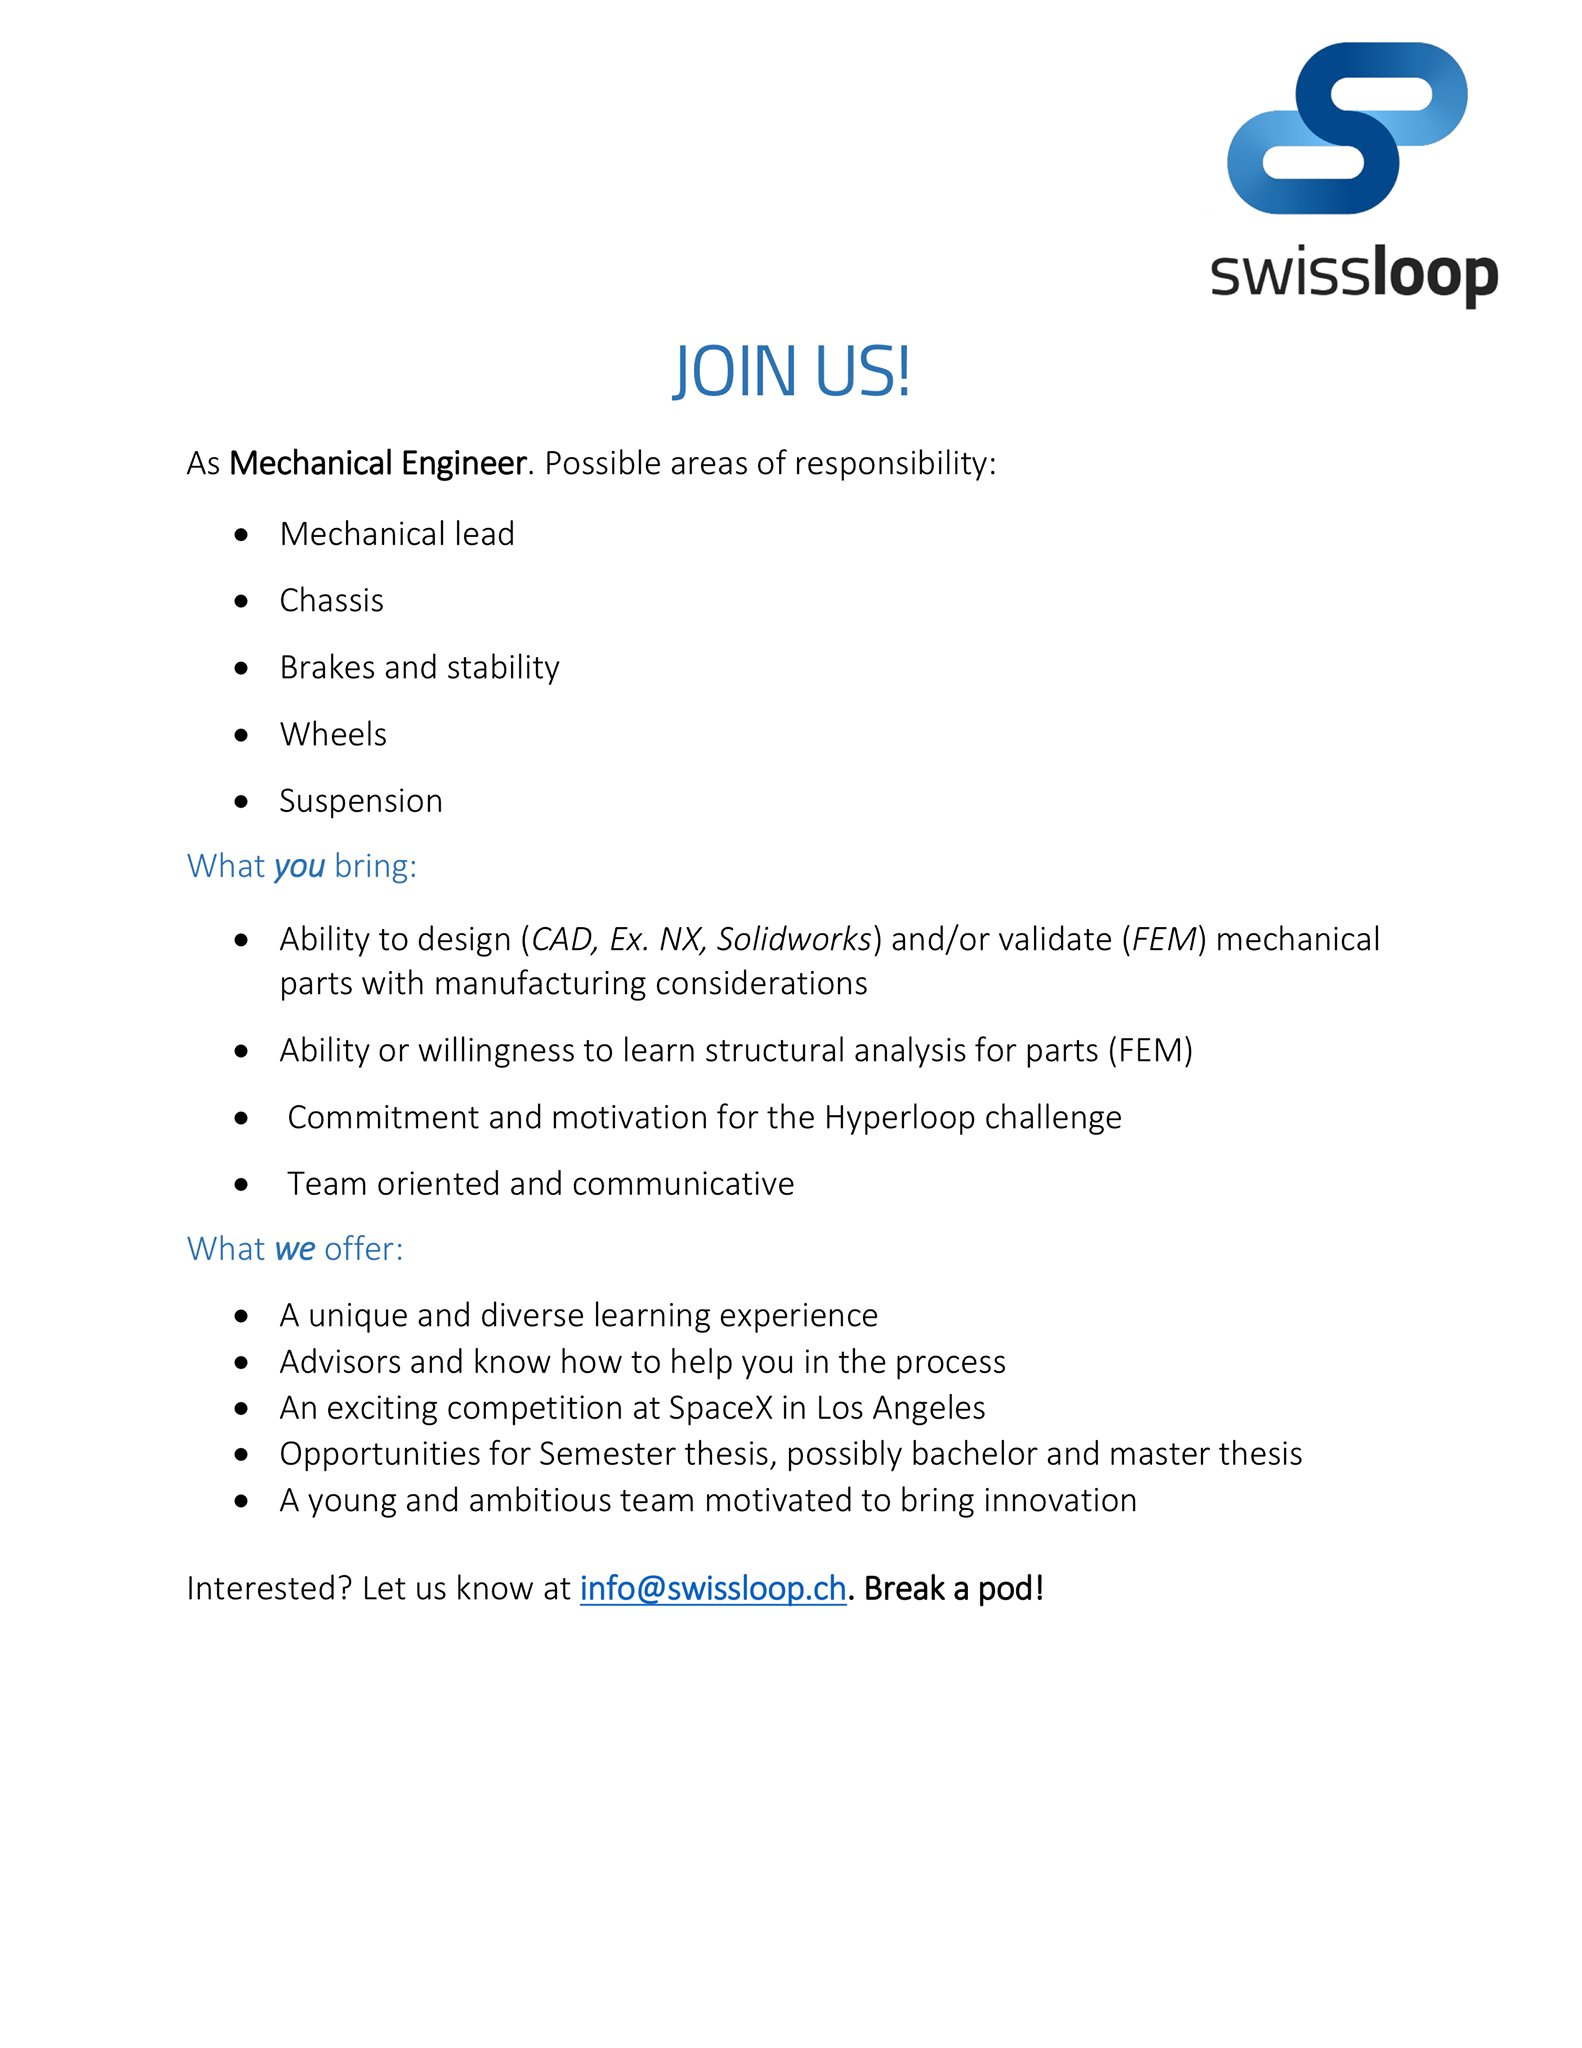 Swissloop on Twitter: